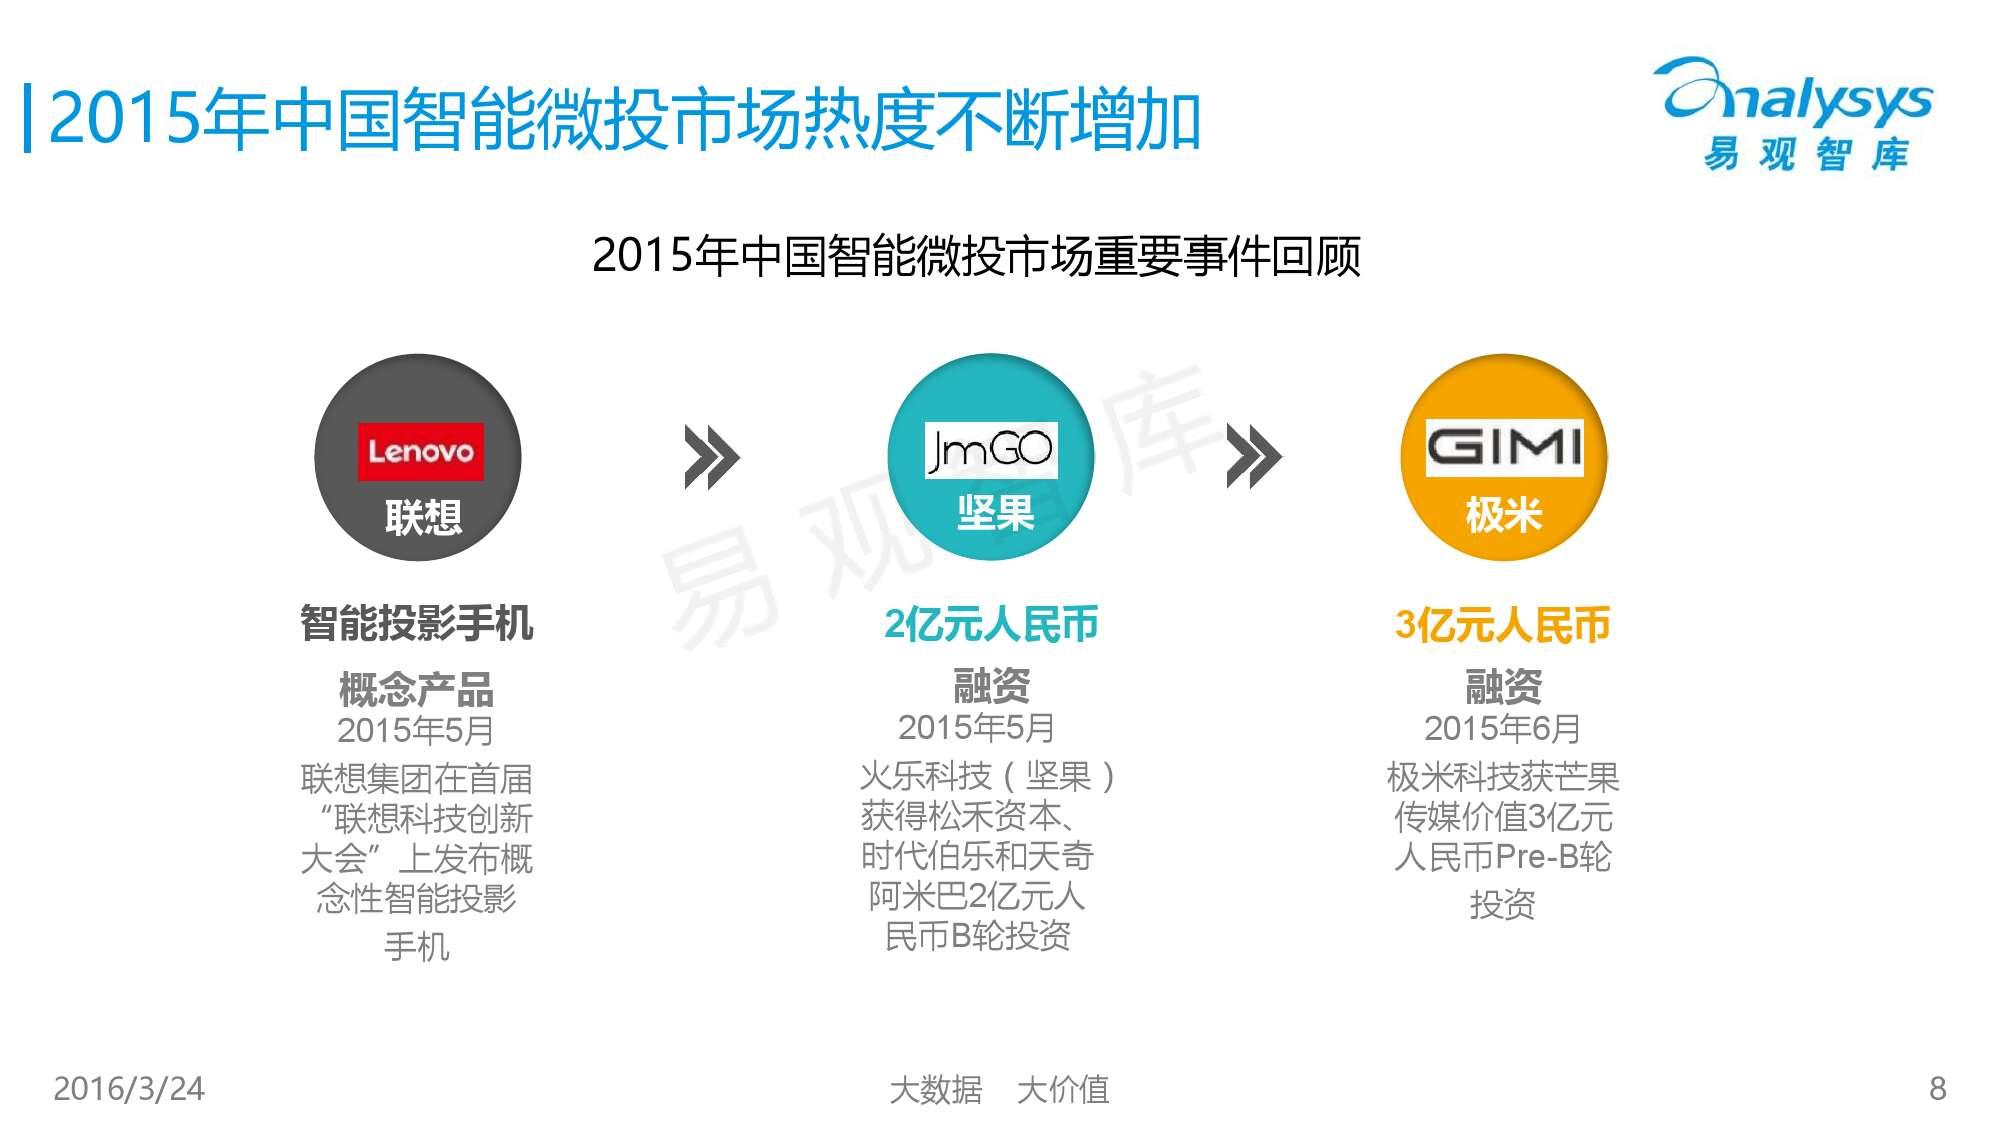 中国智能微投市场专题研究报告2016_000008